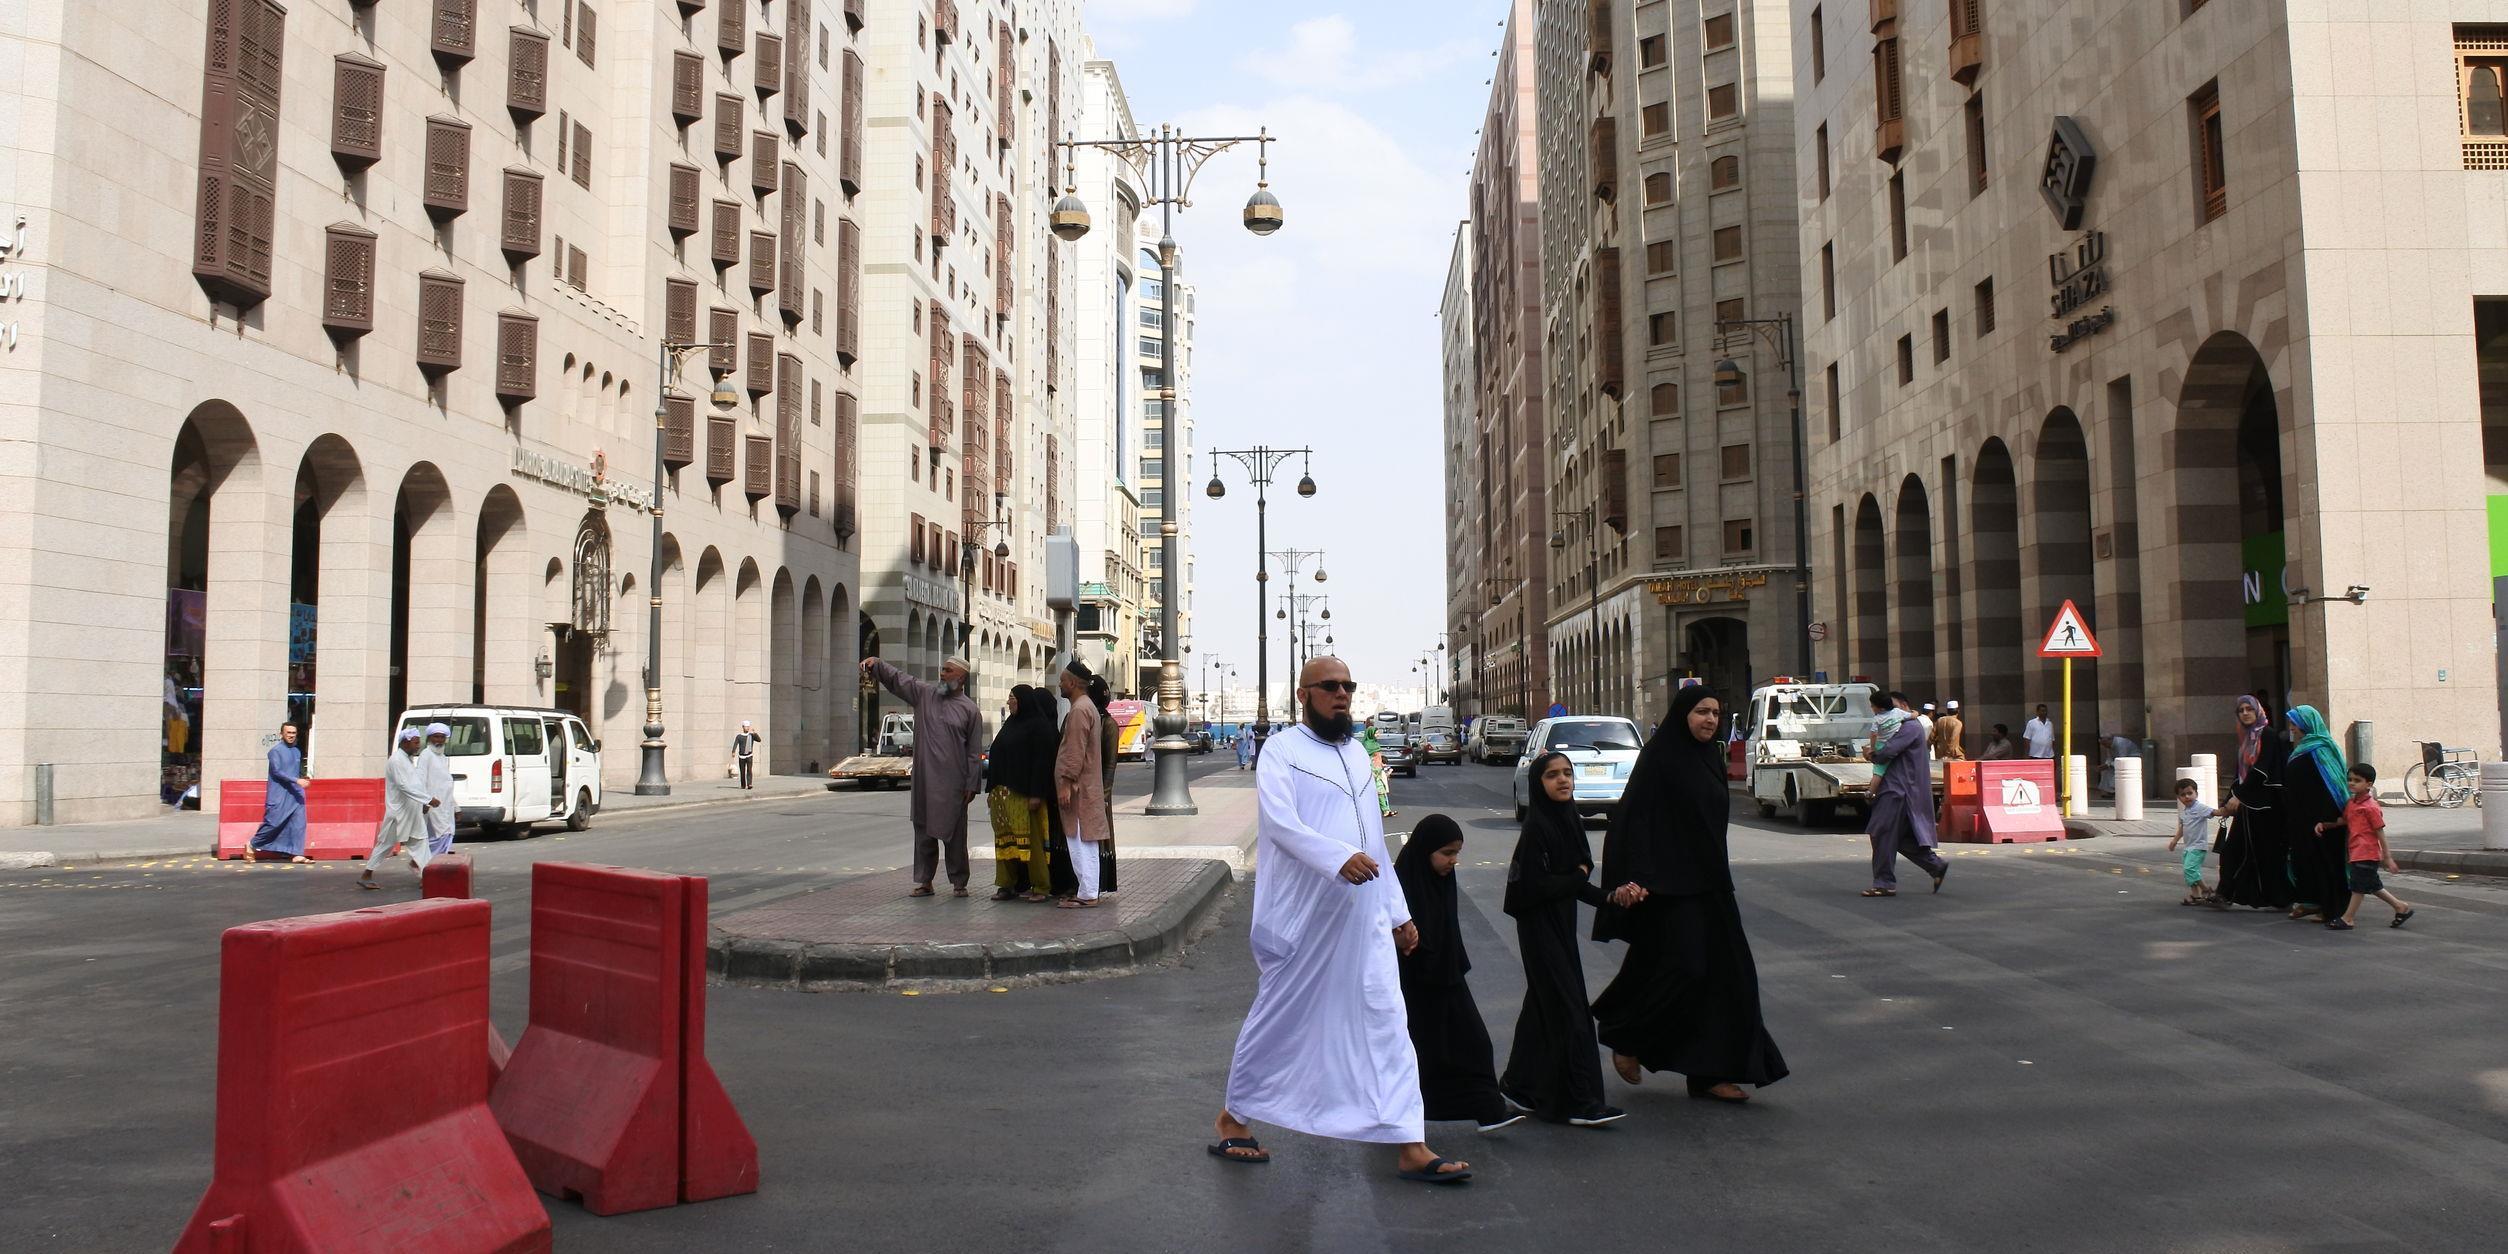 Friss hírek: Szaúd-Arábia lépdel tovább a szalmáni reformok útján, most már jöhetnek filmforgalmazók is.